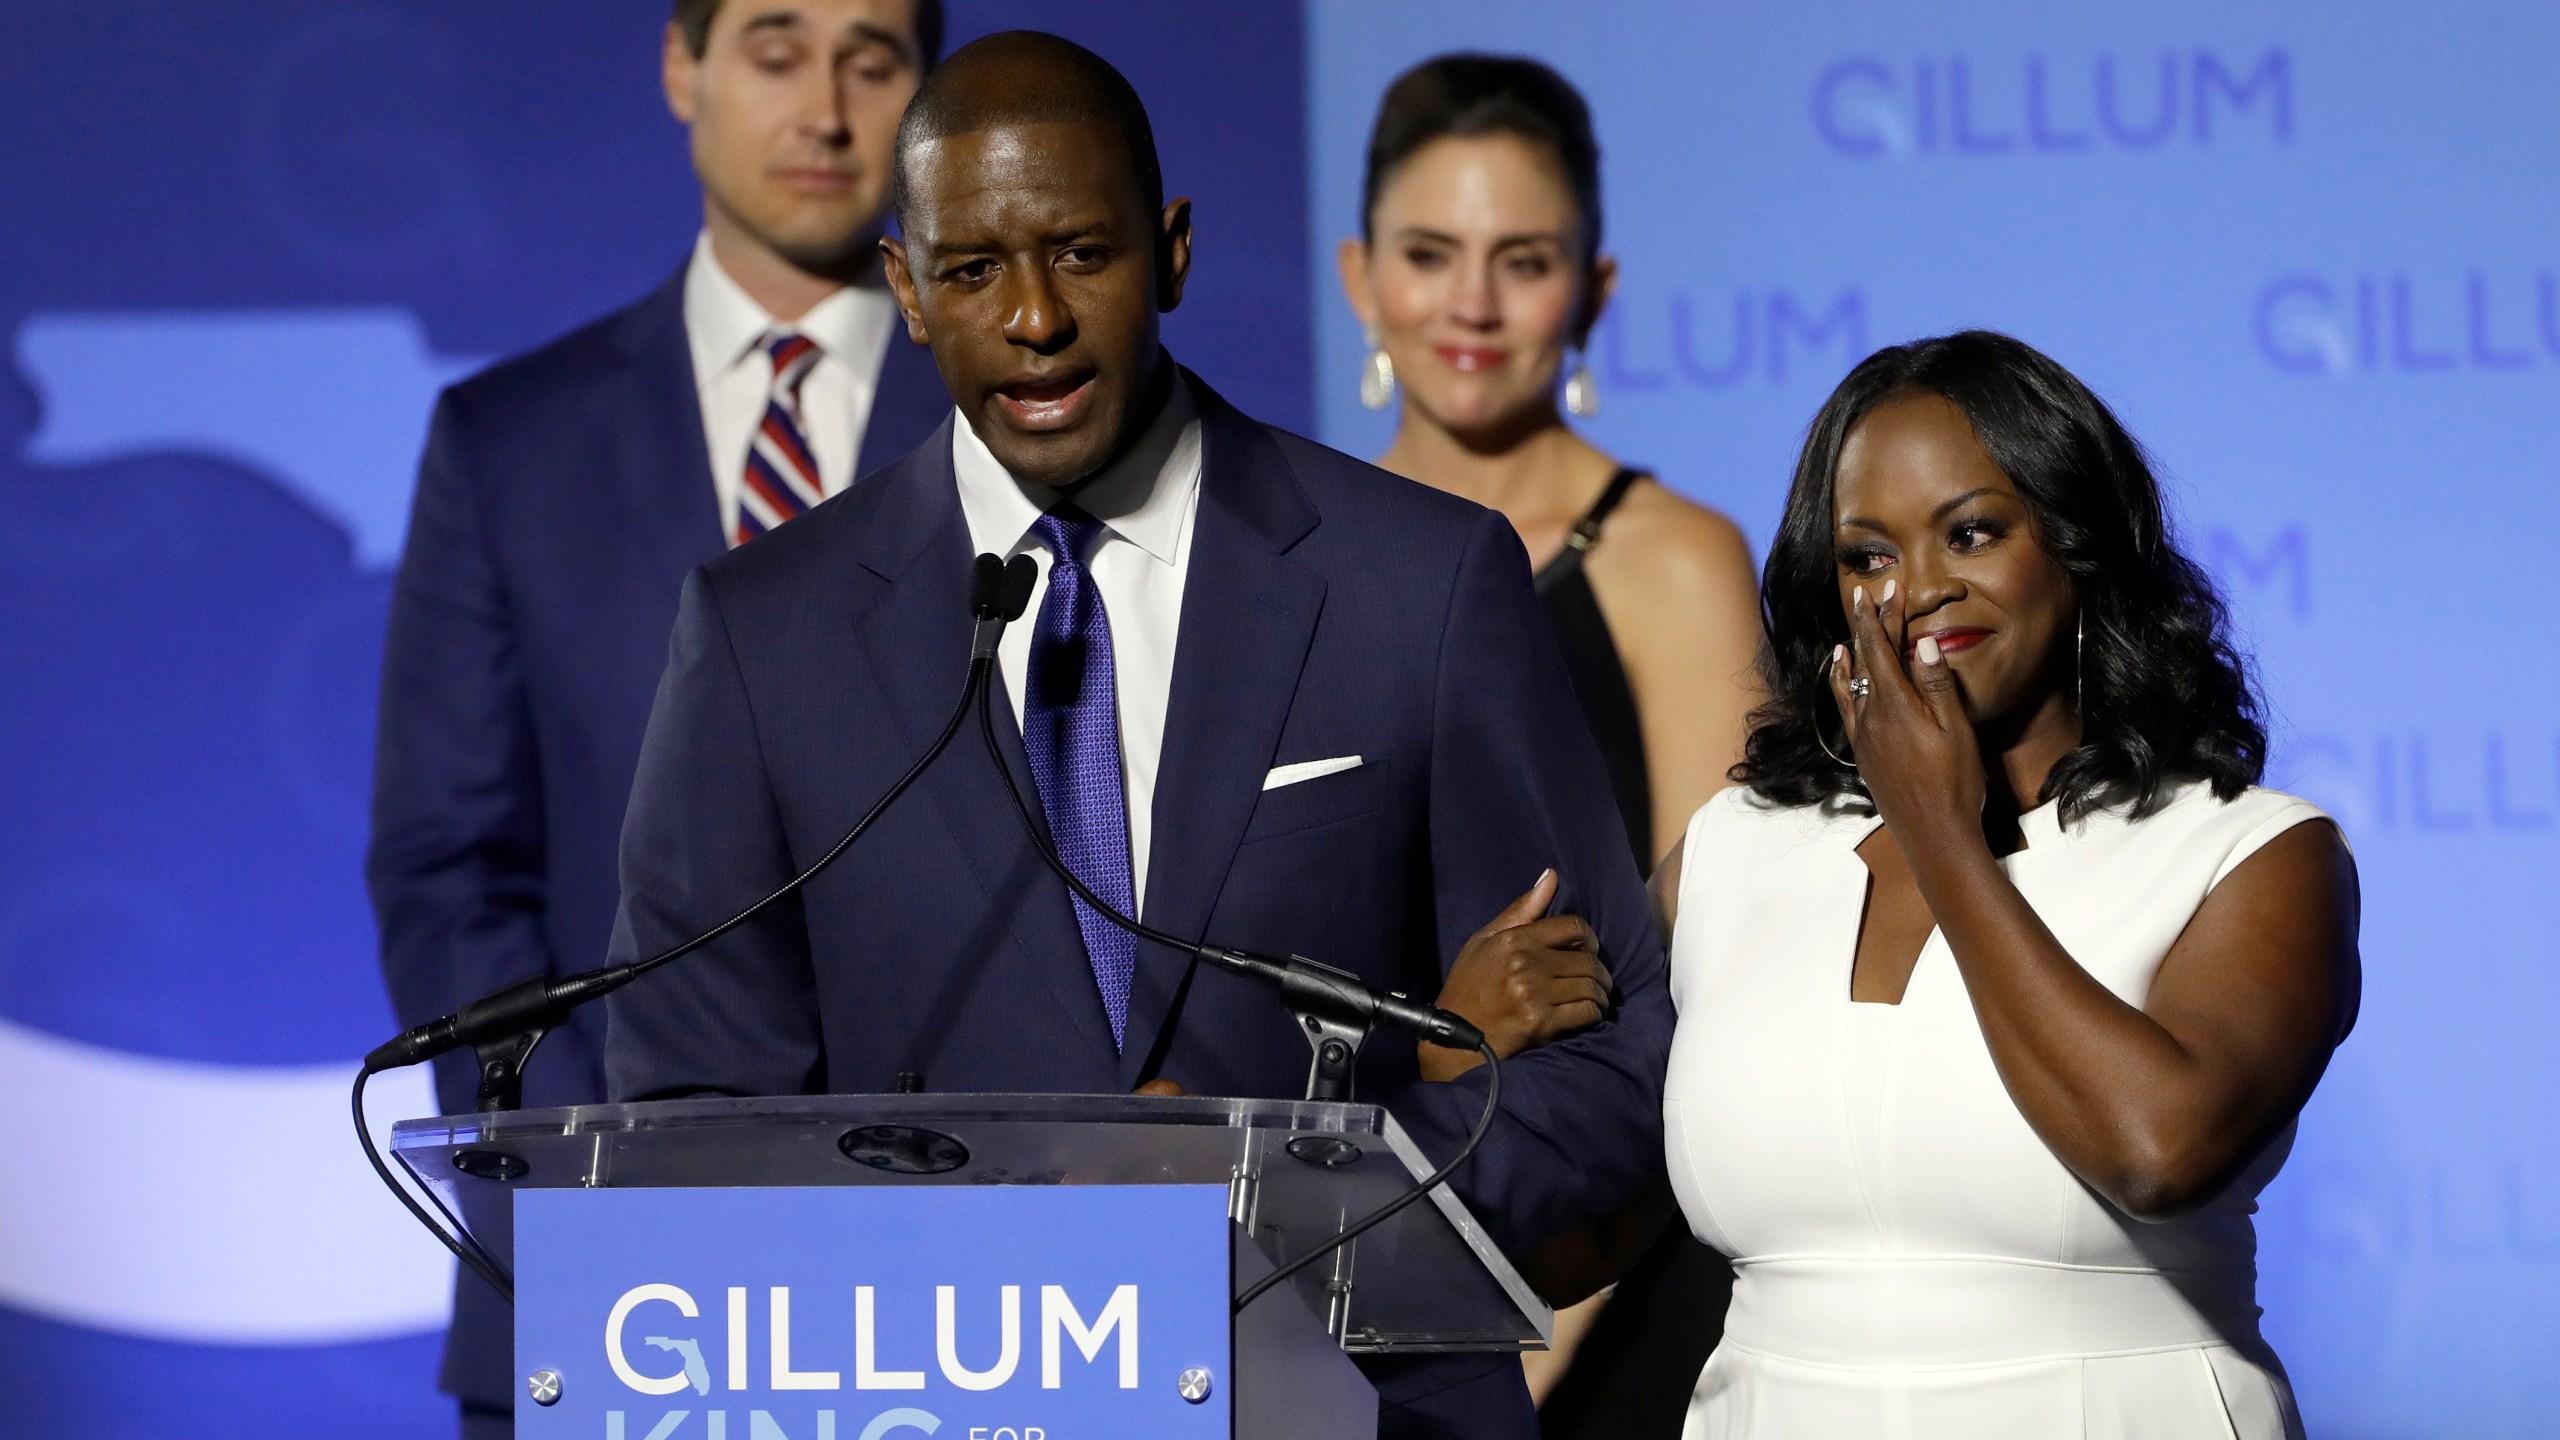 Election_2018_Governor_Gillum_Florida_61269-159532.jpg59160768